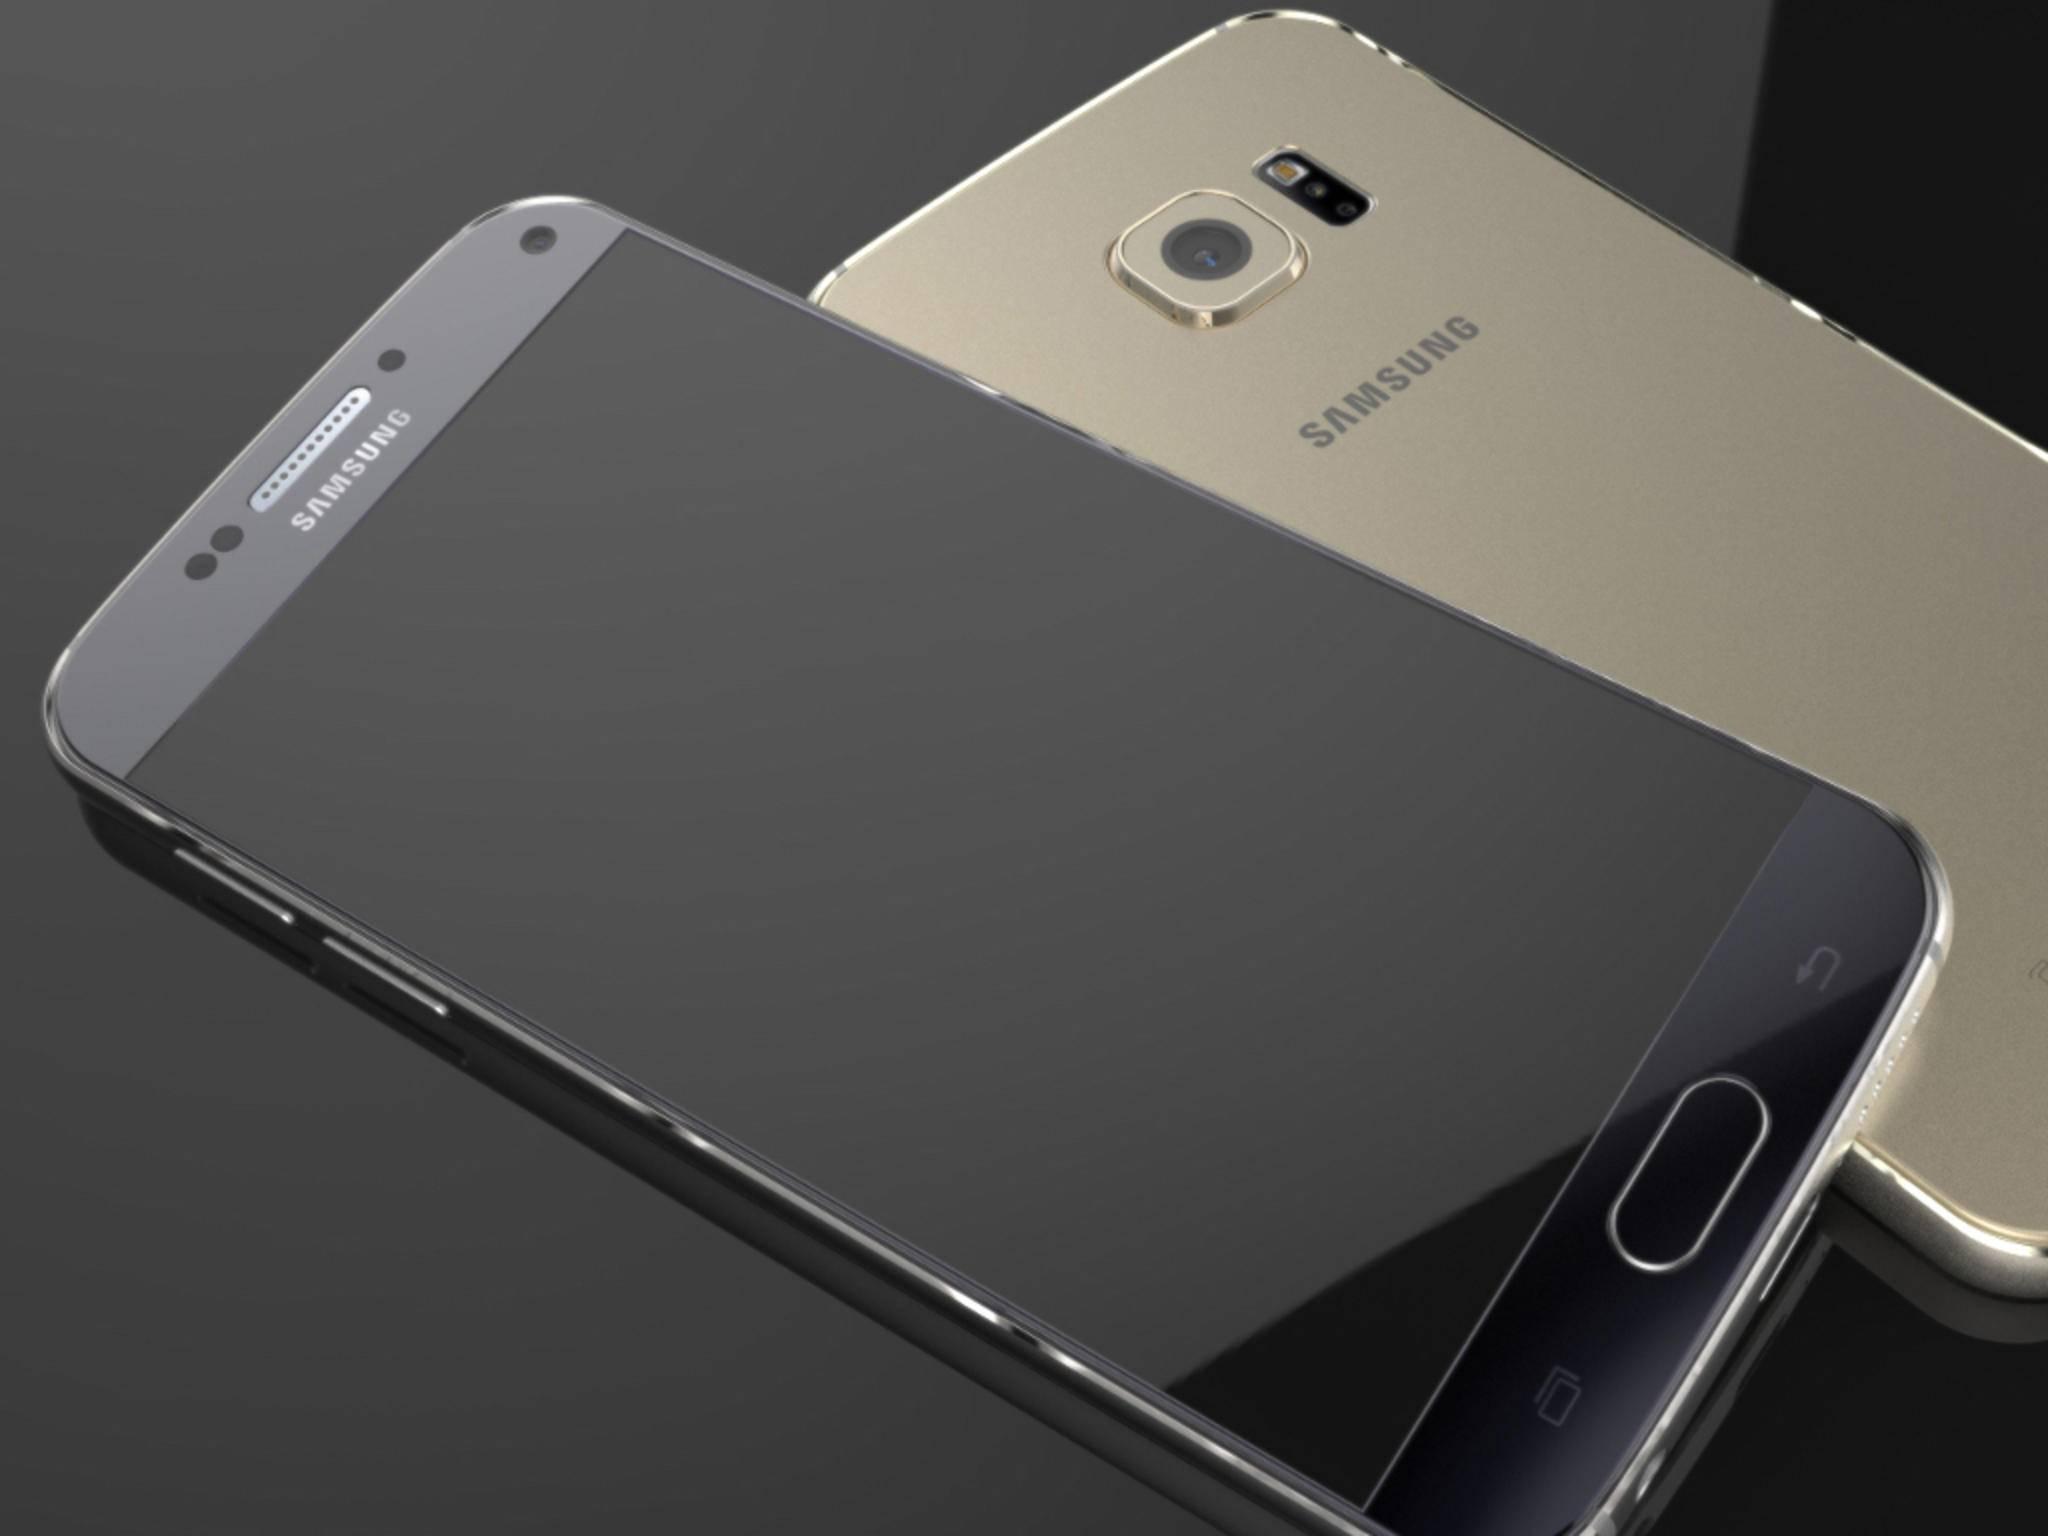 Das Galaxy S7 Edge+ soll ein 5,7-Zoll-Display haben.